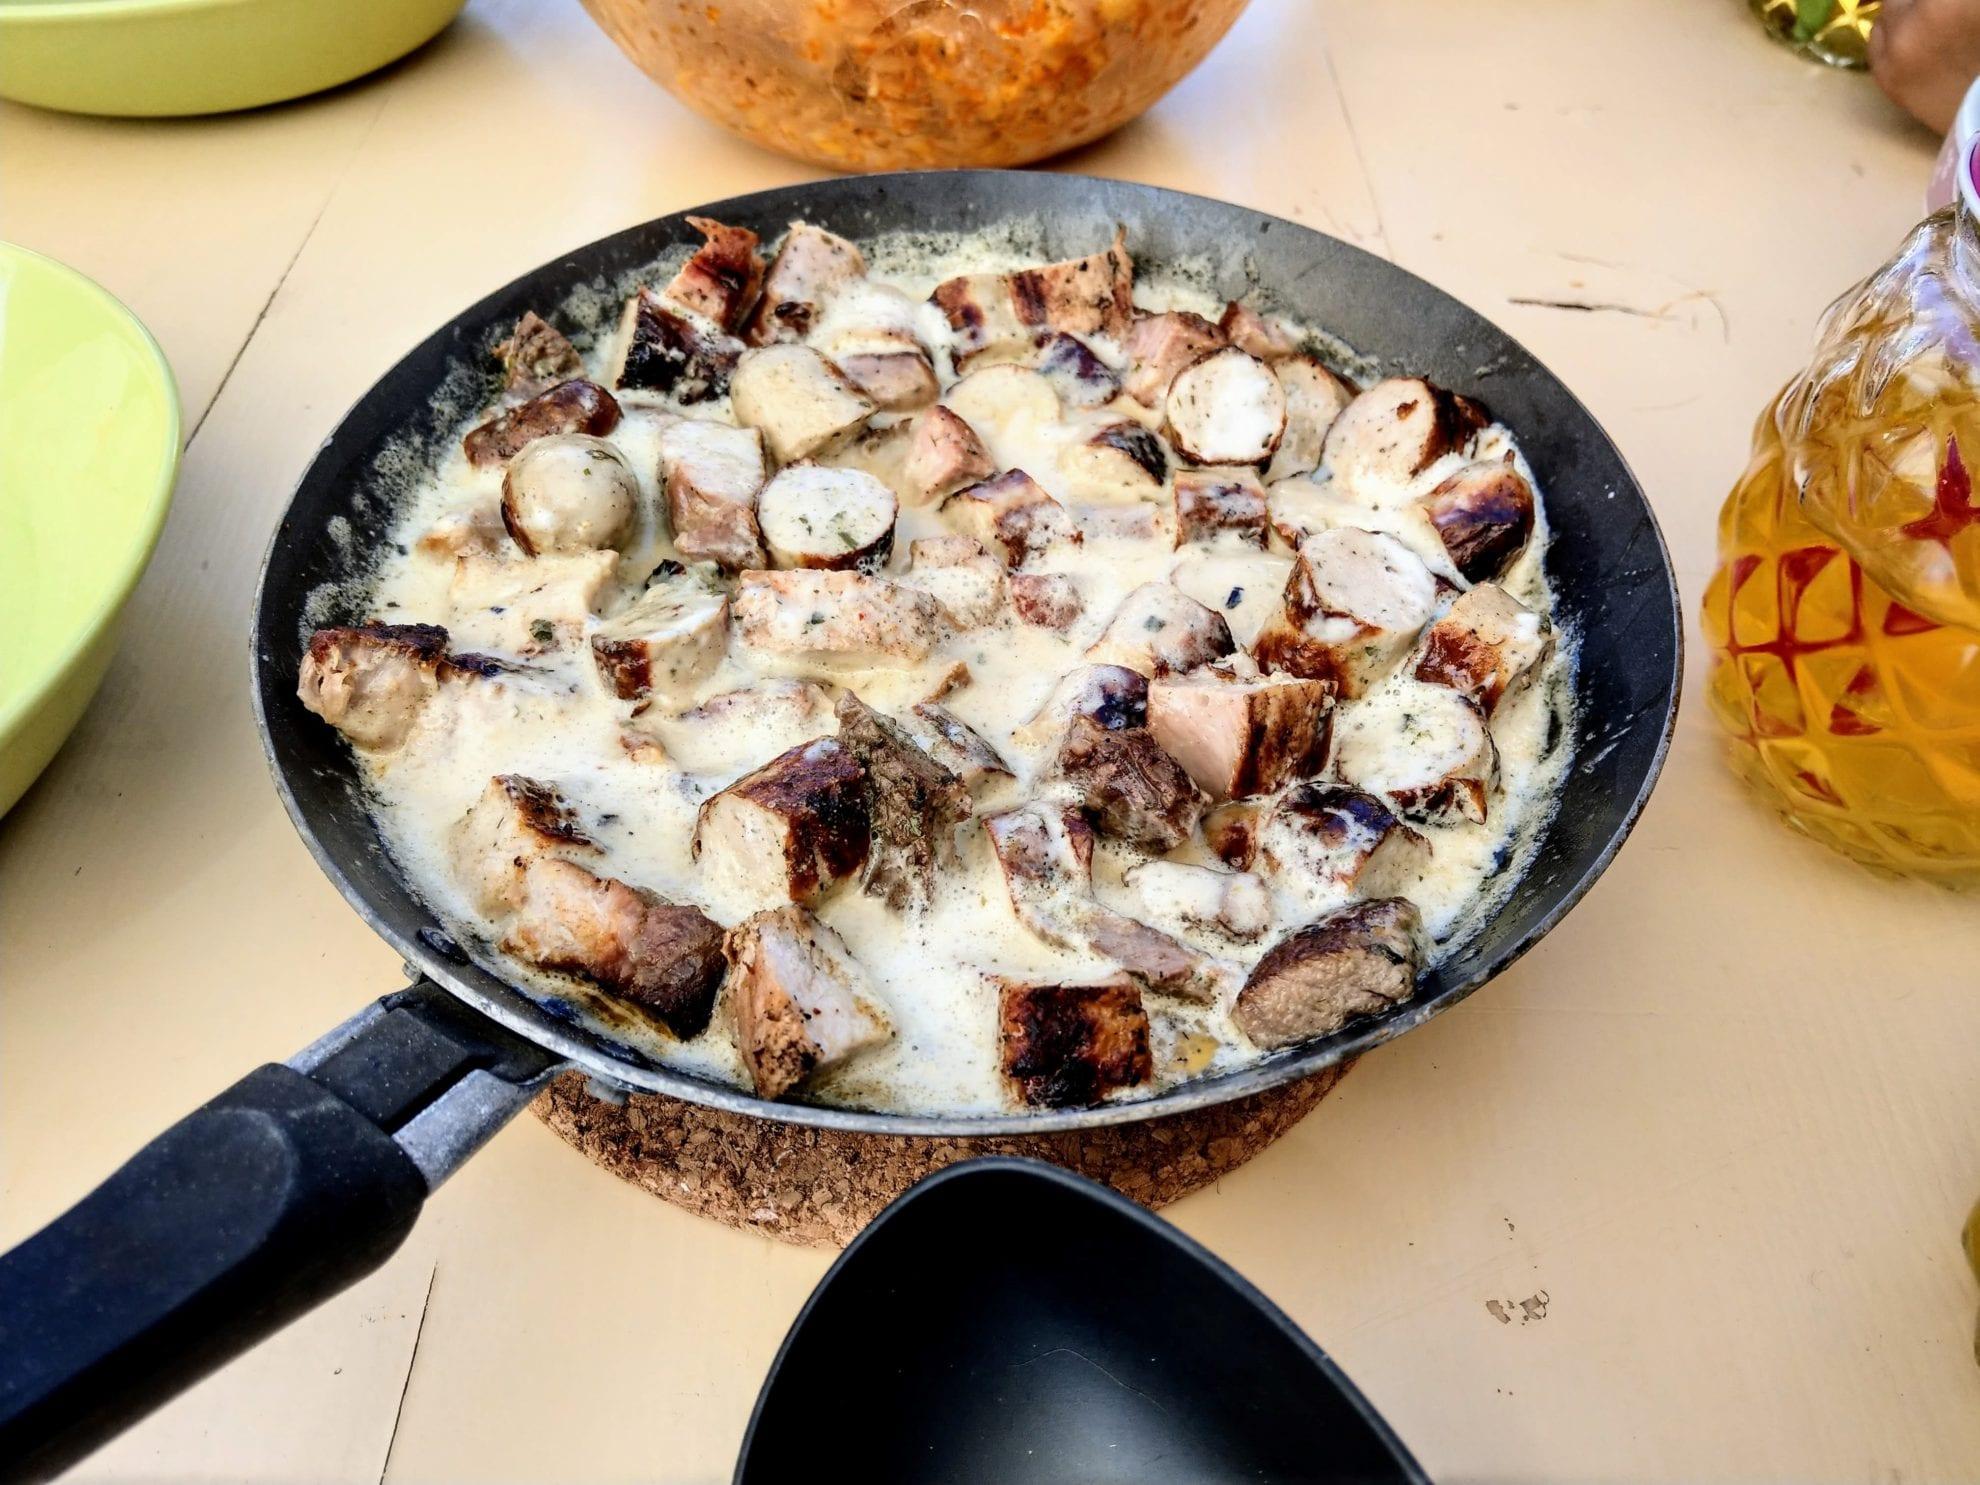 Wurst und Fleisch zusammen mit Sahne und Knoblauchsoße ergibt eine leckere Fleischpfanne, um die Grillreste sinnvoll zu verwerten.